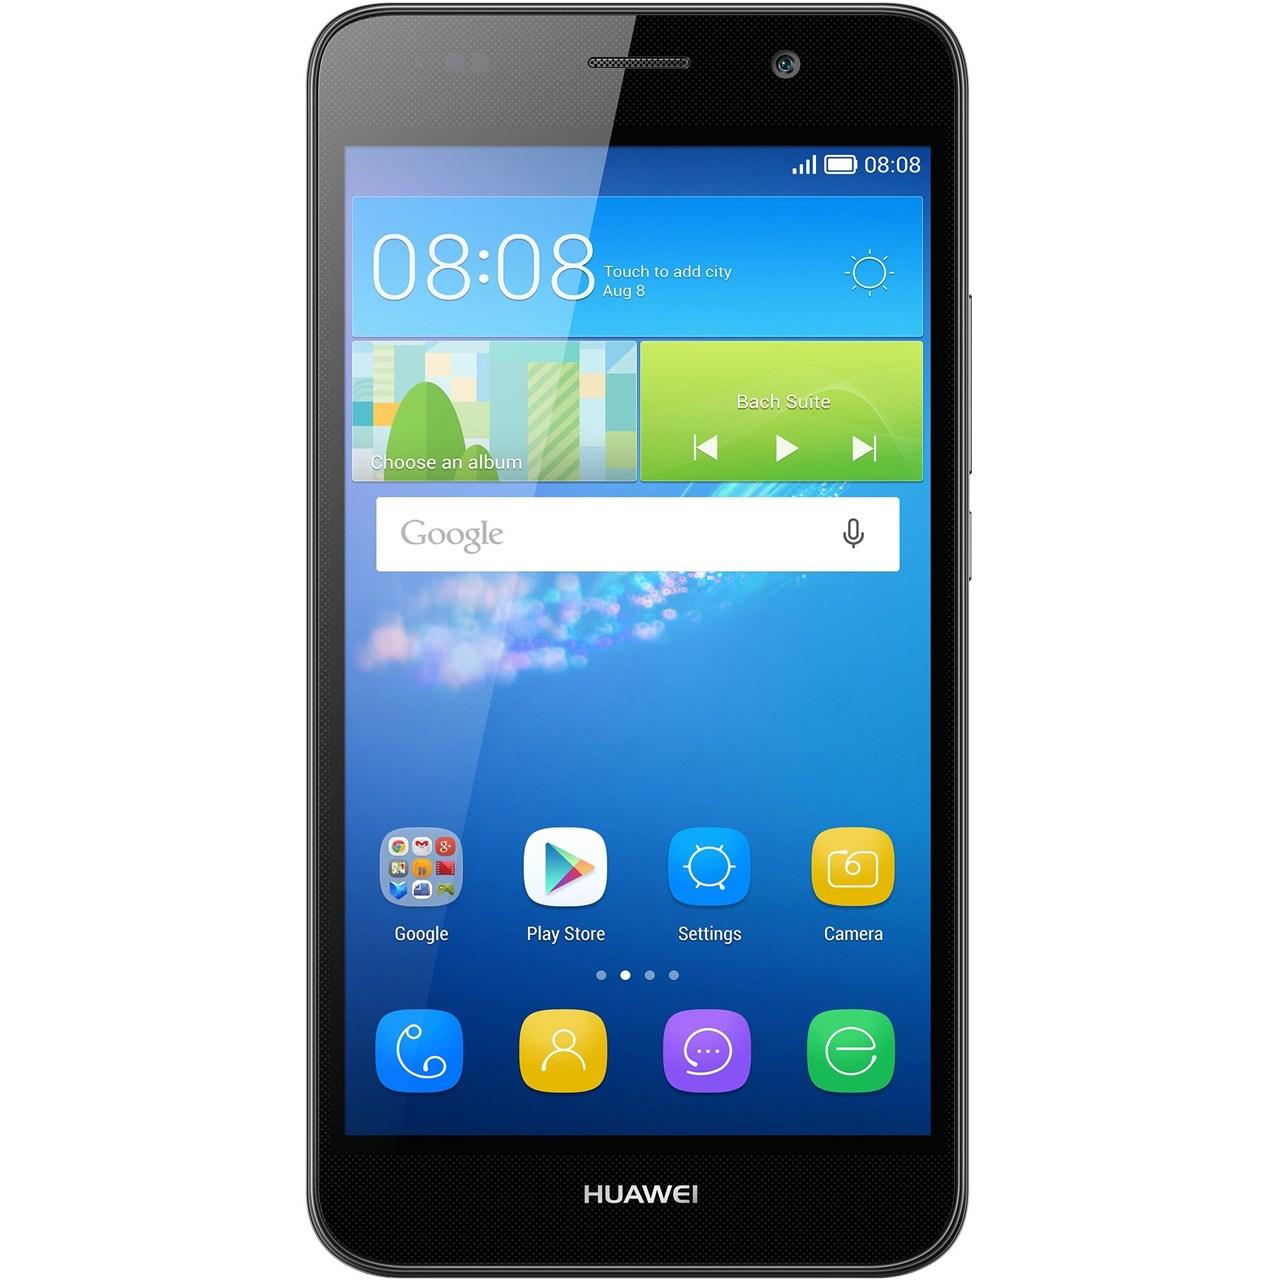 گوشی موبایل هوآوی مدل Y6 - 4G دو سیم کارت                             Huawei Y6 4G Dual SIM Mobile Phone